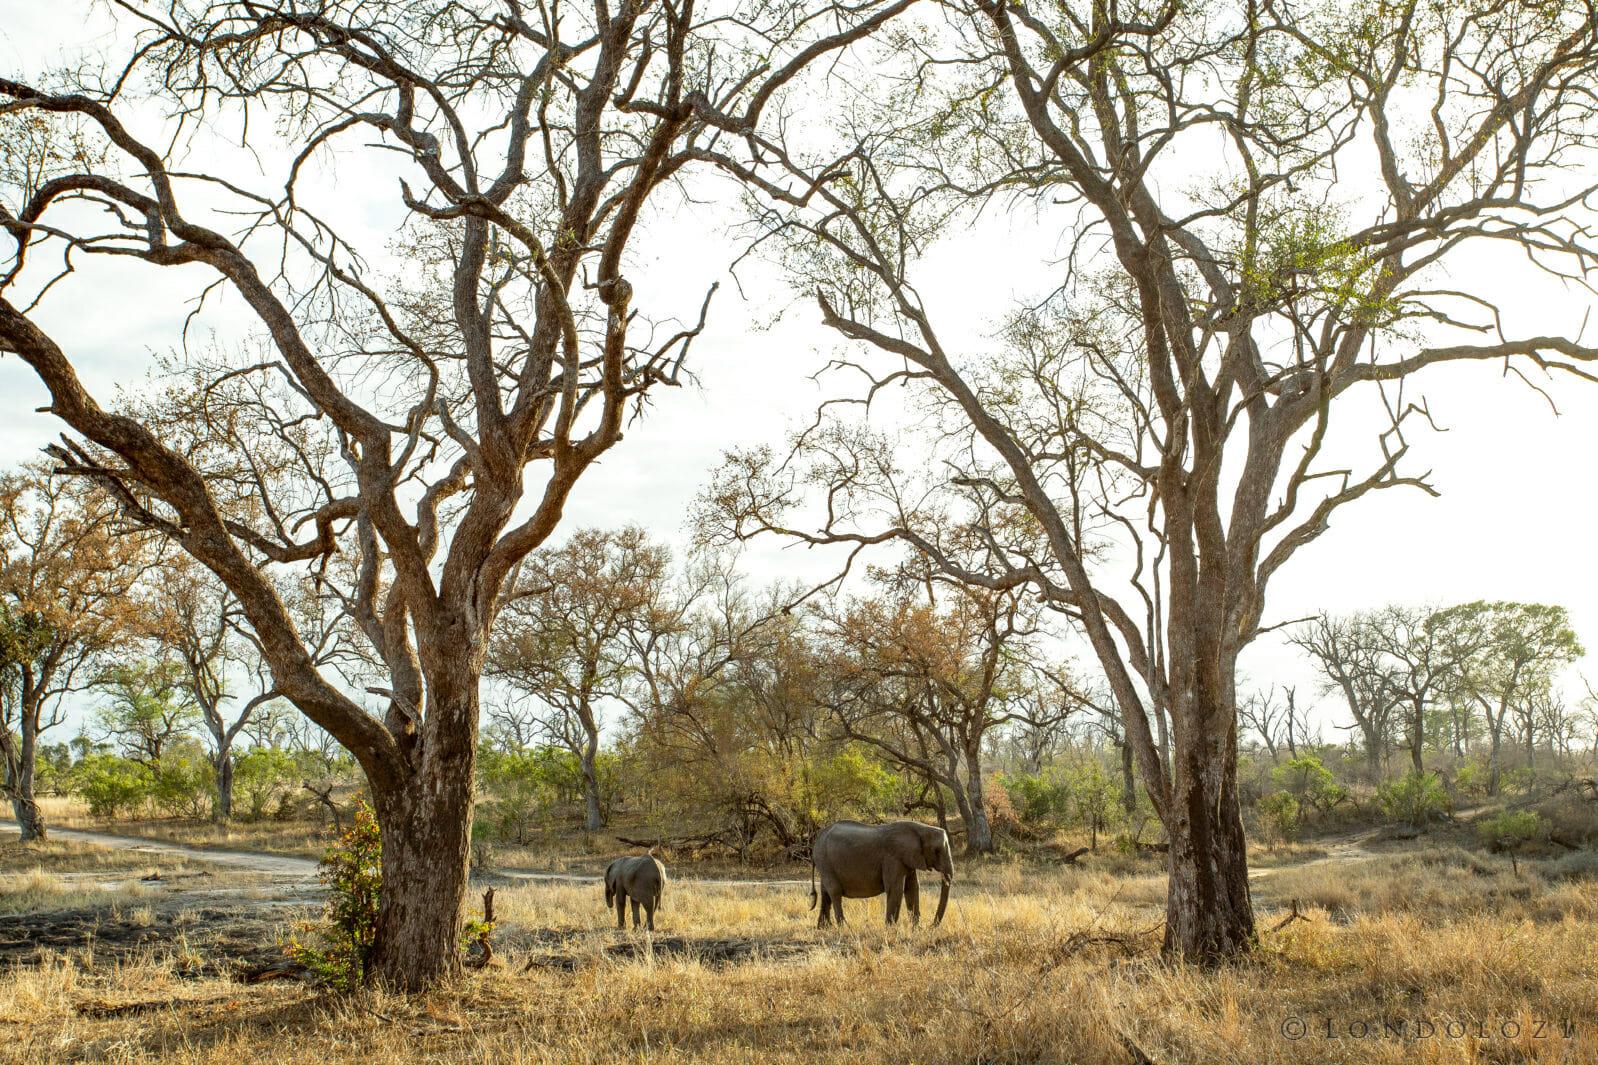 Elephants Leadwood